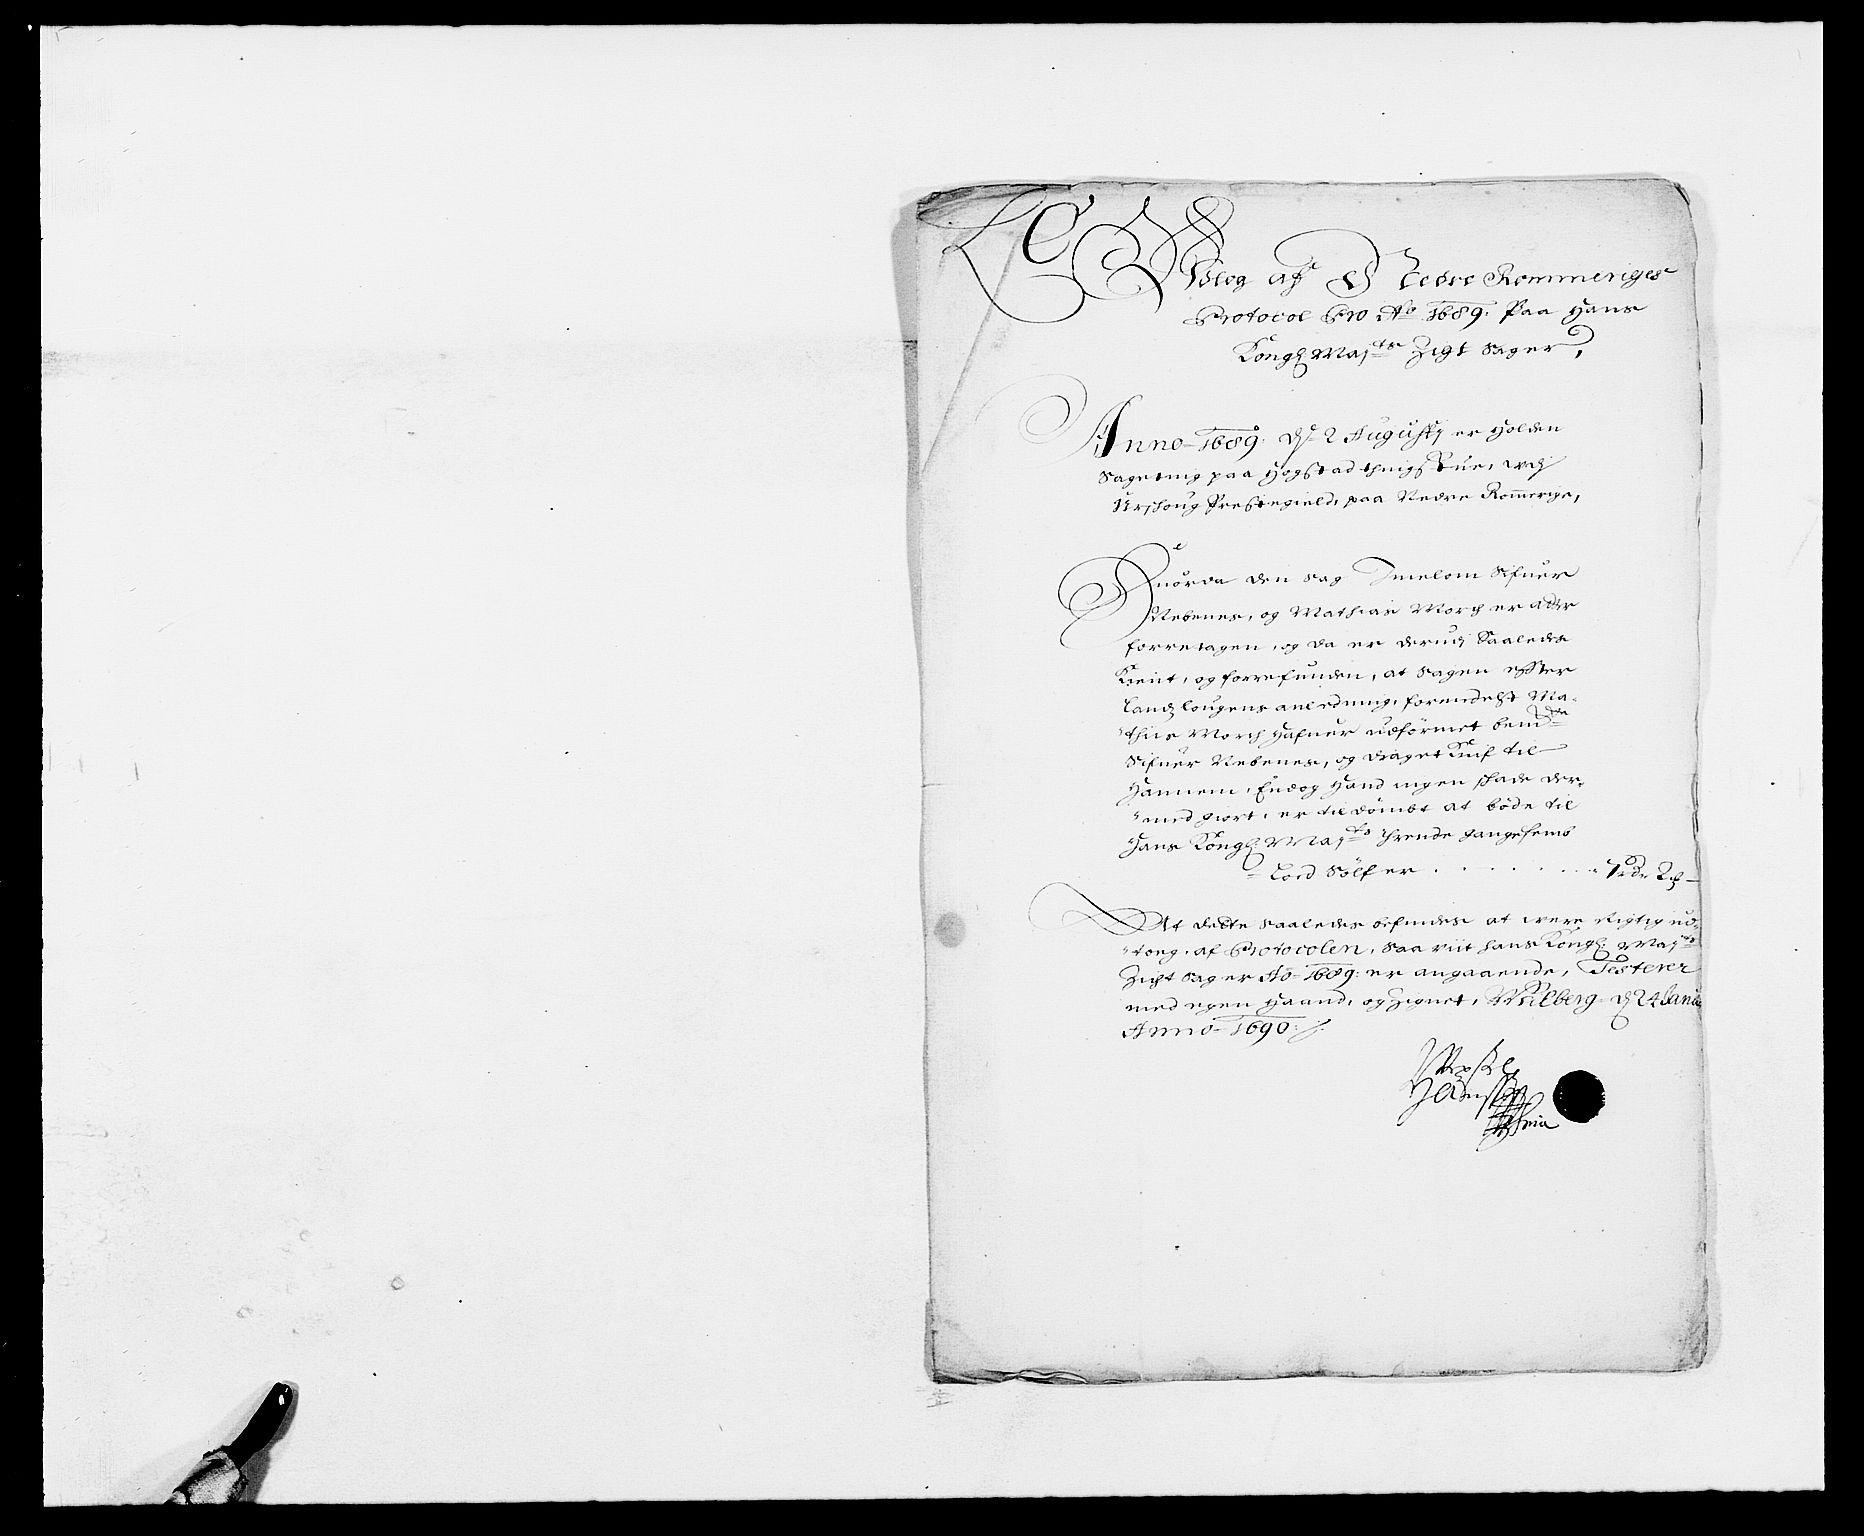 RA, Rentekammeret inntil 1814, Reviderte regnskaper, Fogderegnskap, R11/L0574: Fogderegnskap Nedre Romerike, 1689-1690, s. 12